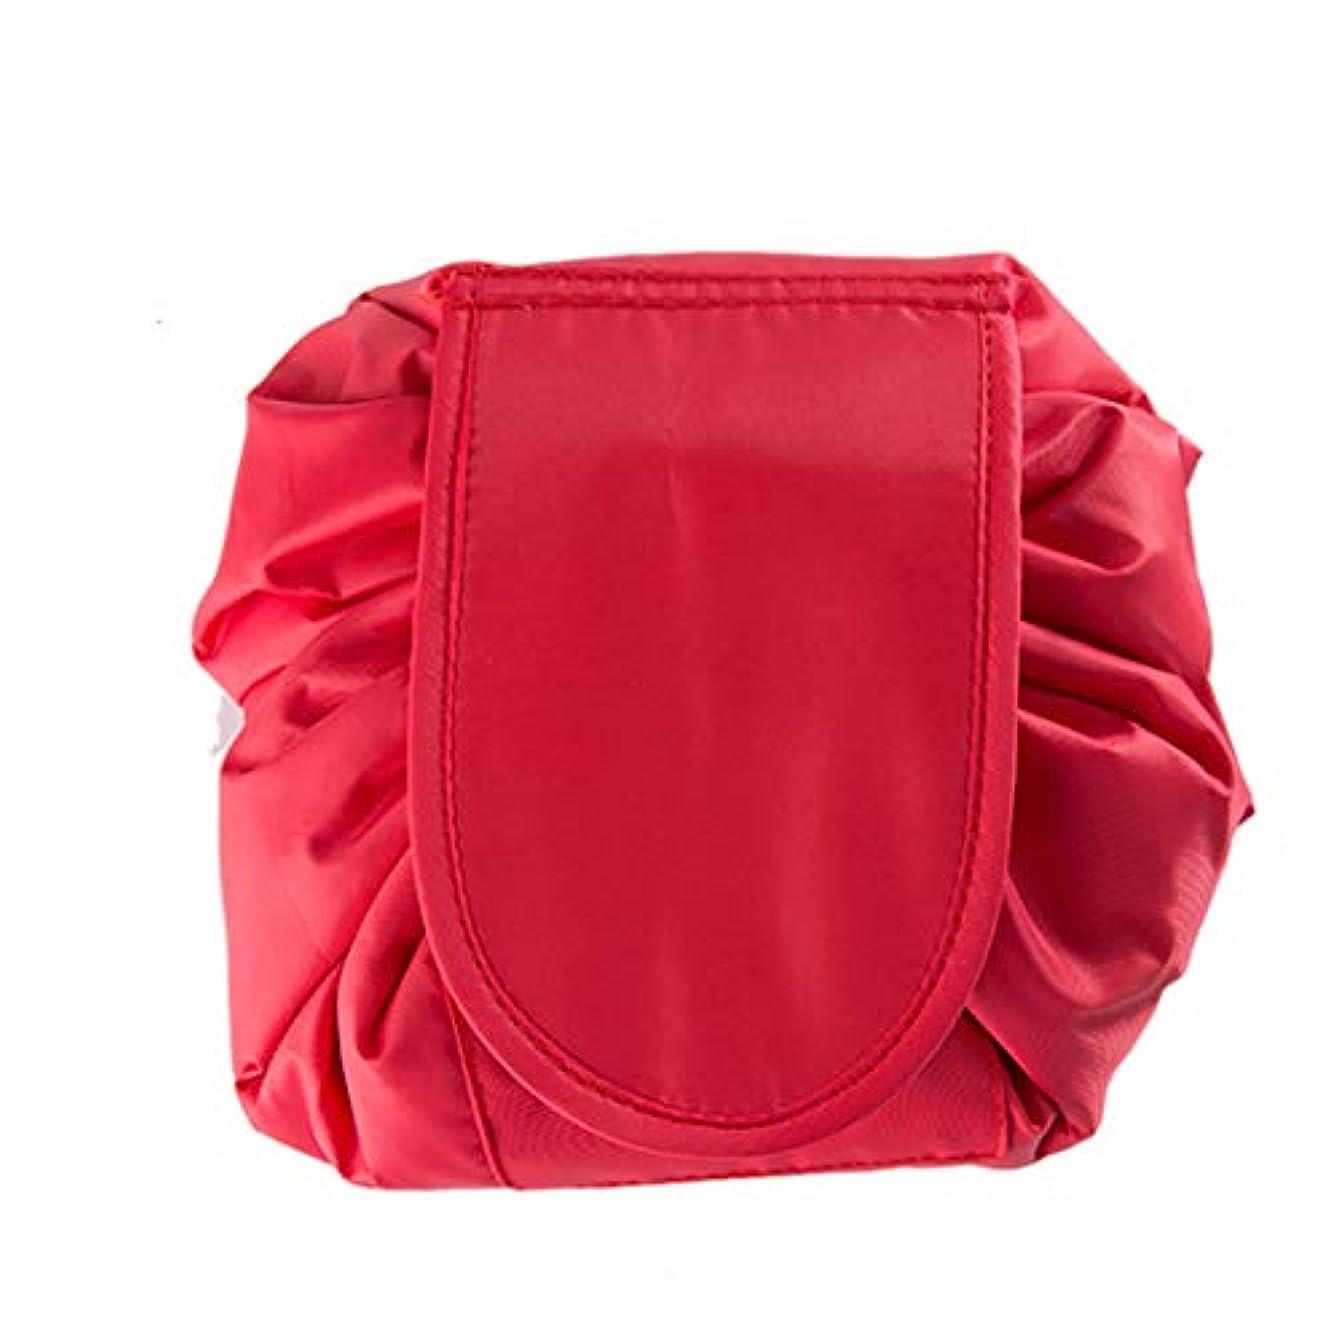 東方艦隊焼く(ボラ-キキ) Bole-kk メイクポーチ 化粧ポーチ 化粧バッグ メイク収納バッグ 大容量 巾着型 マジックふろしきポーチ 携帯 防水 旅行収納バッグ コンパクト 2枚セット 赤